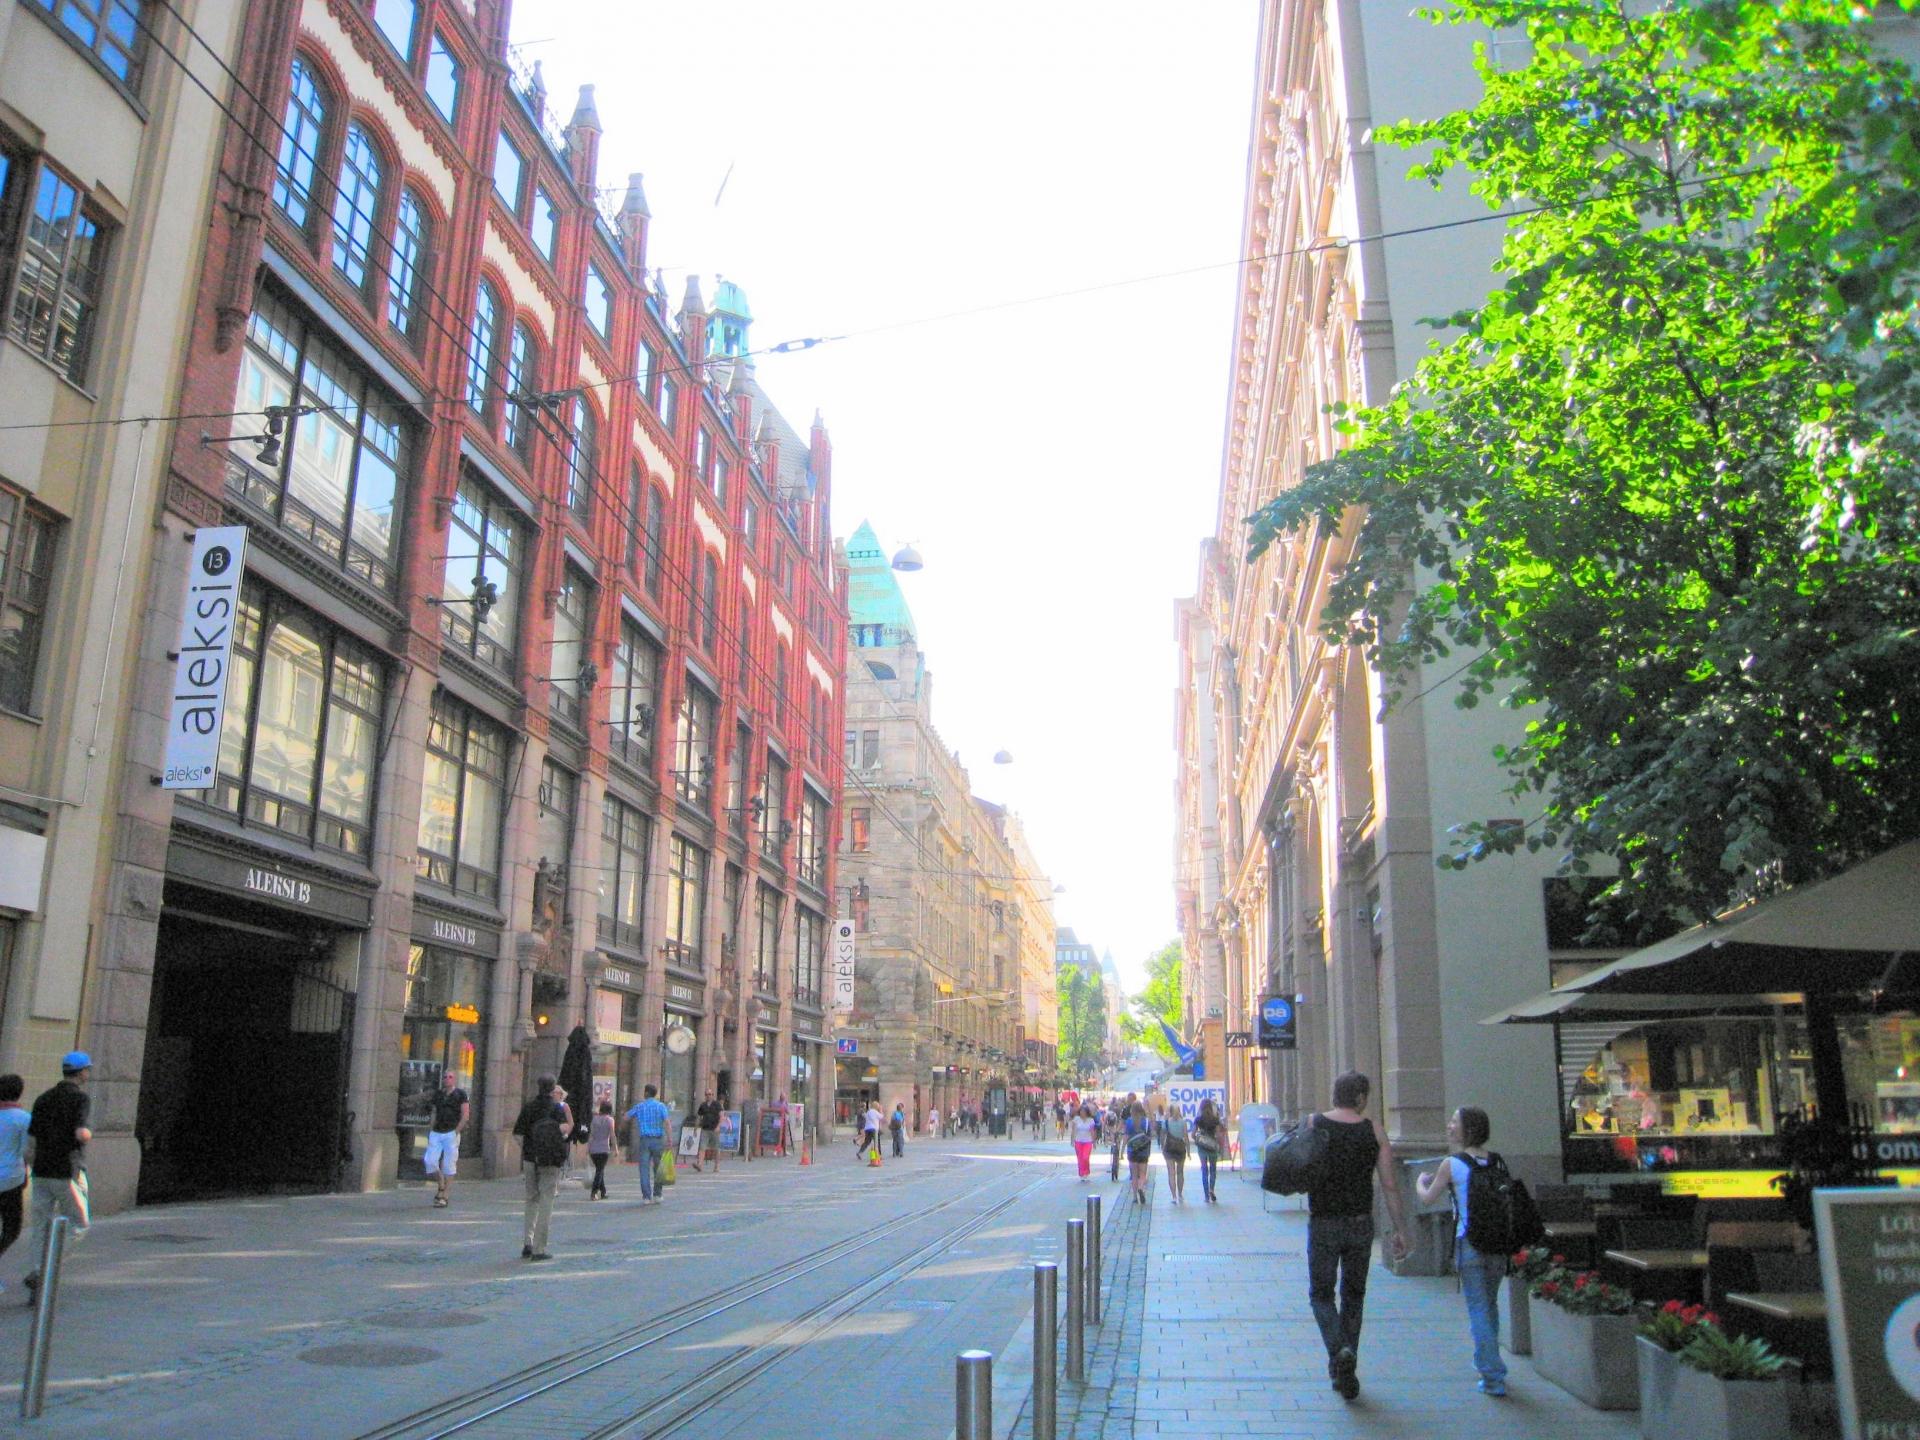 フィンランドの言語や公用語は?「こんにちは」など旅行で使える挨拶言葉も!